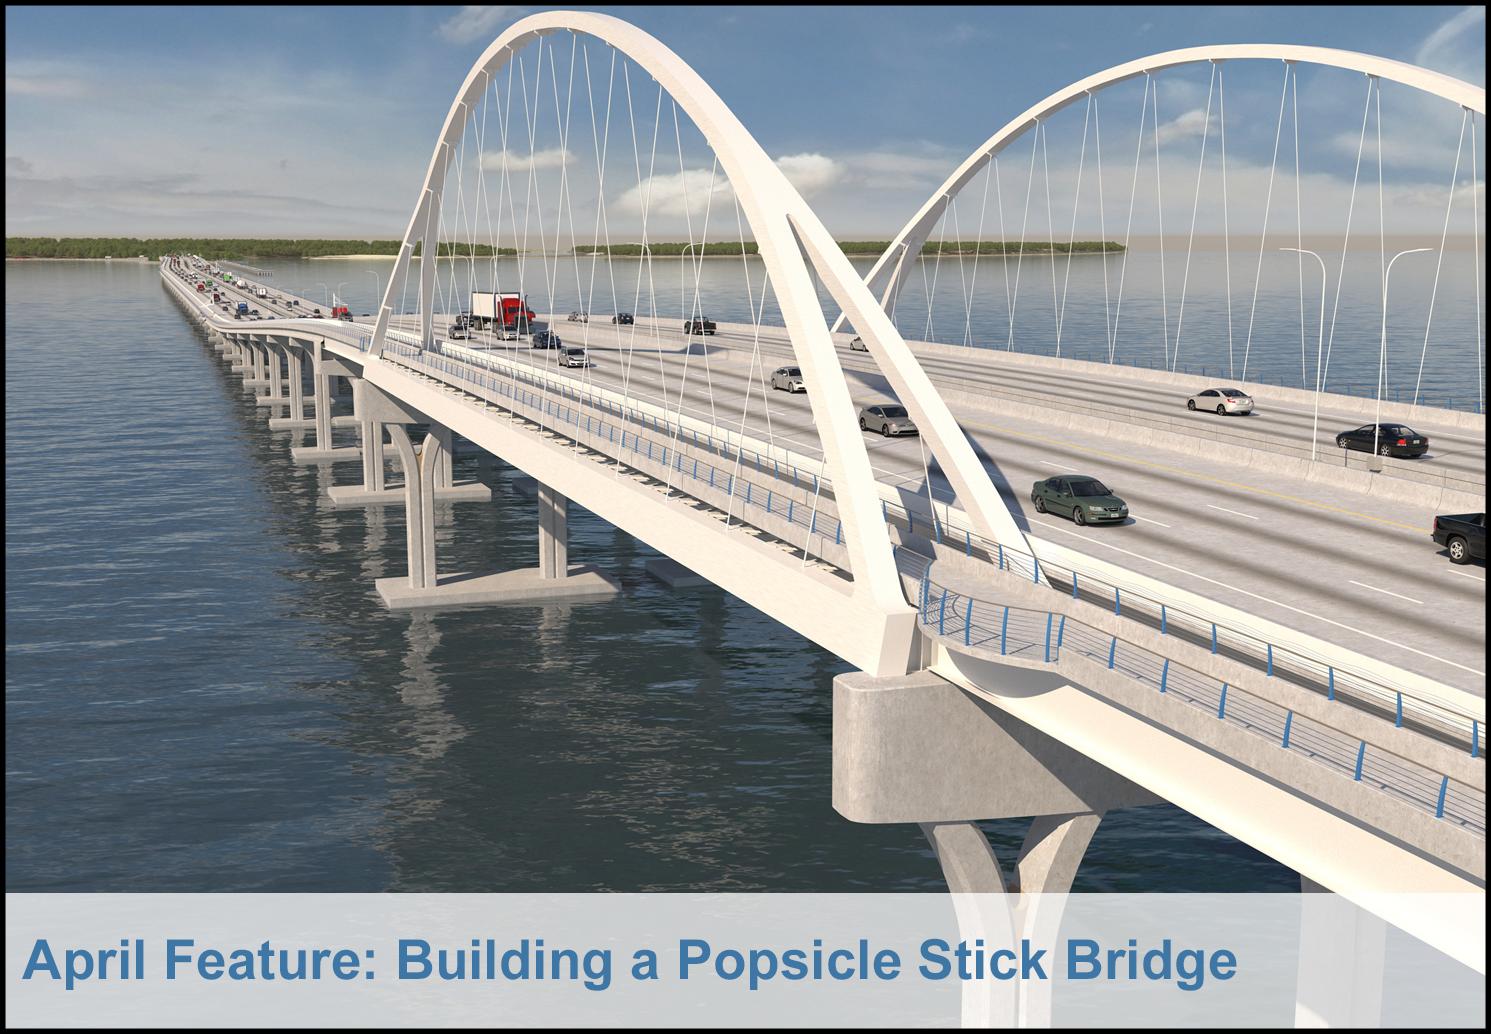 April Feature: Building a Popsicle Stick Bridge